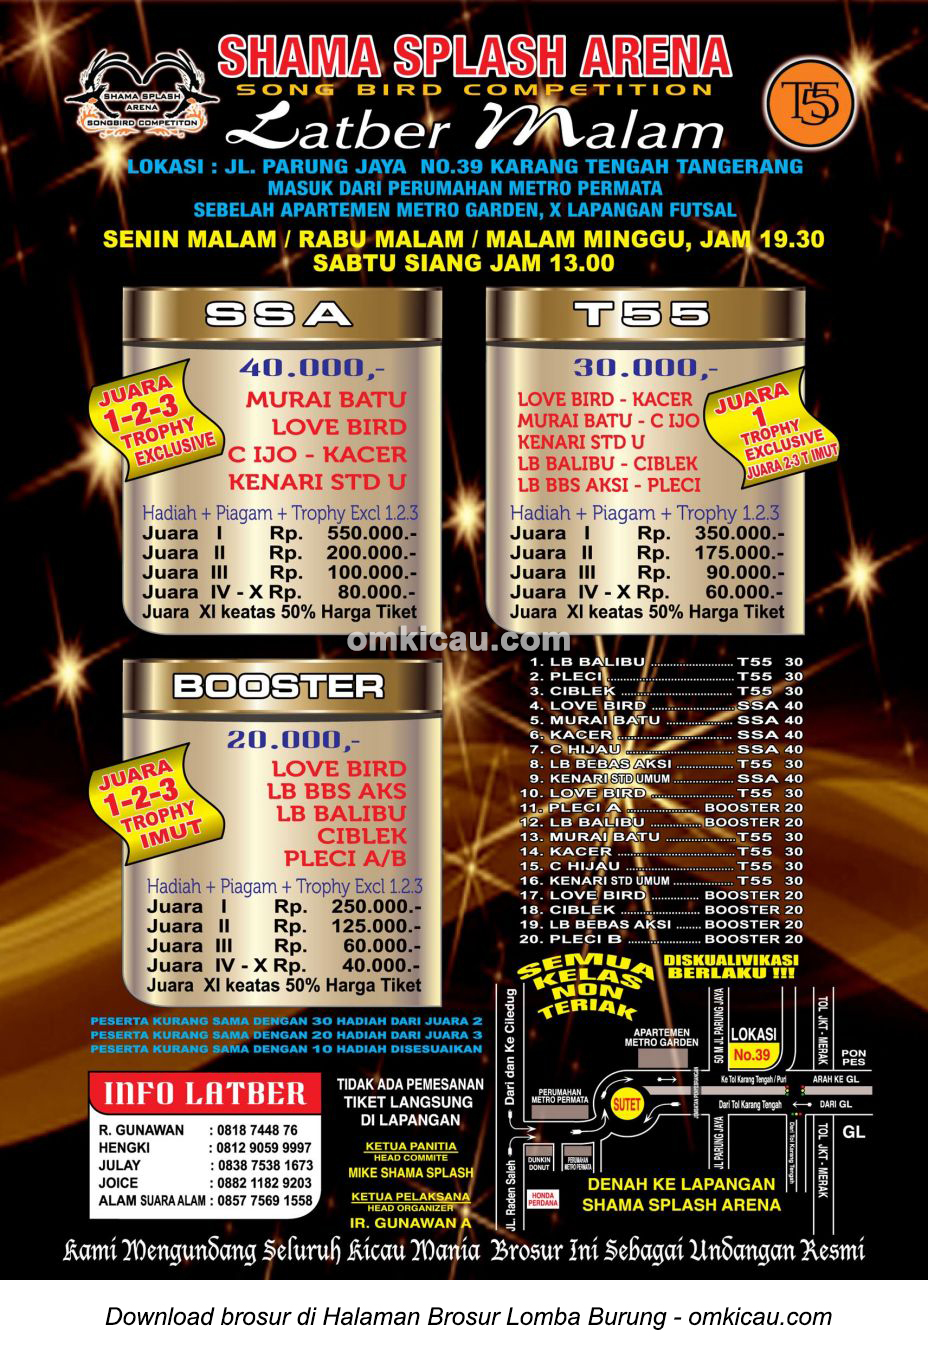 Brosur Latber Shama Splash Arena Tangerang